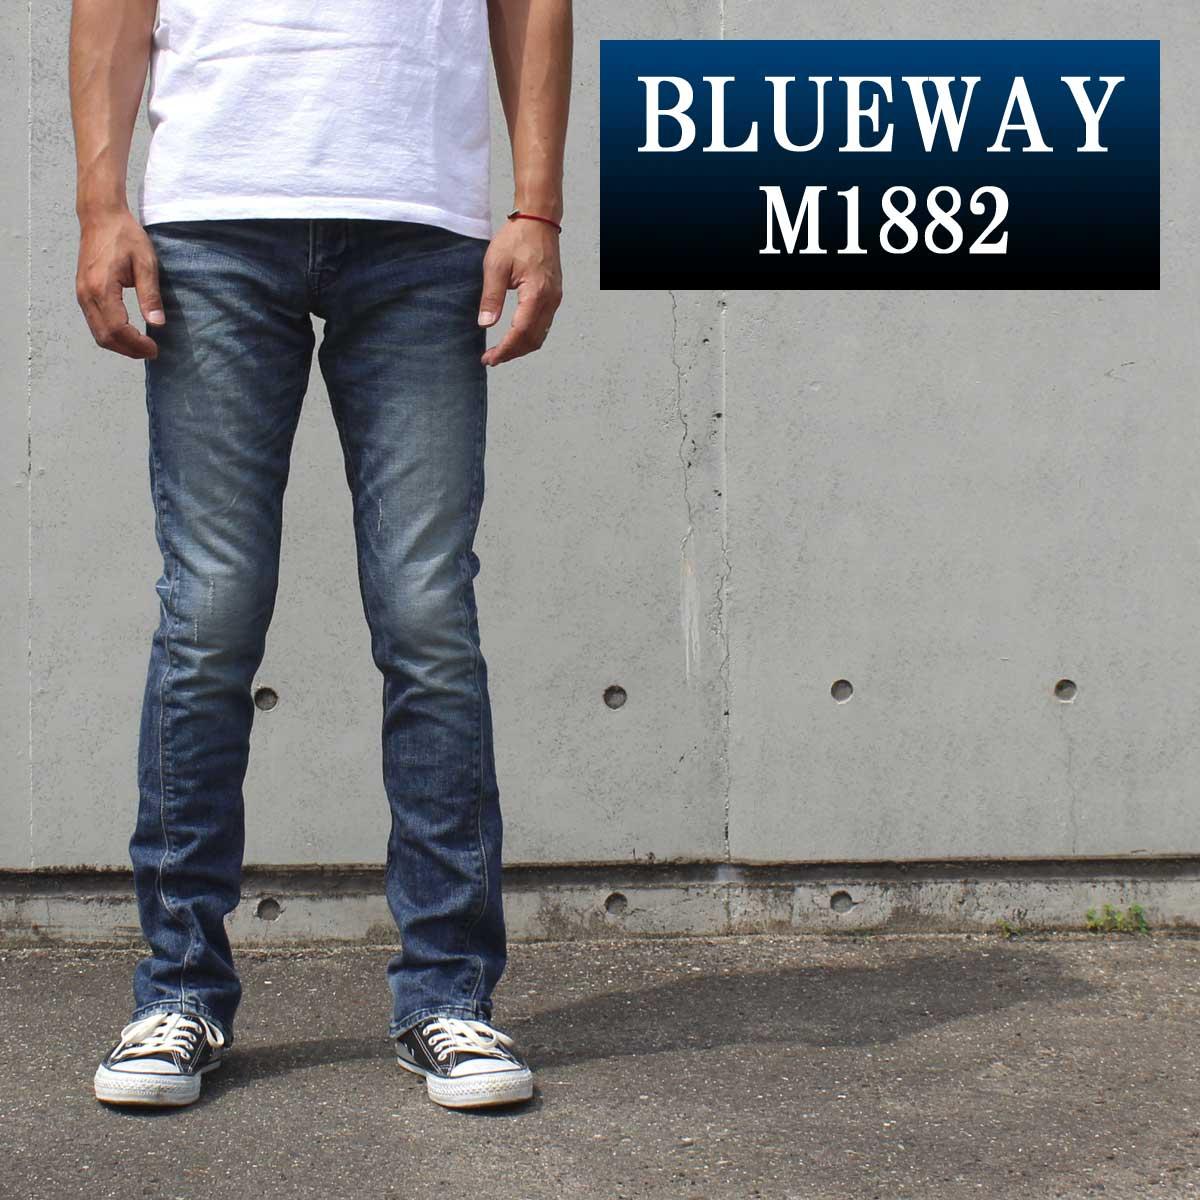 BLUEWAY:ソリッドストレッチデニム・セミブーツカットジーンズ(ハードビンテージ):M1882-5504 ブルーウェイ ジーンズ フレア メンズ デニム ジーパン 裾上げ